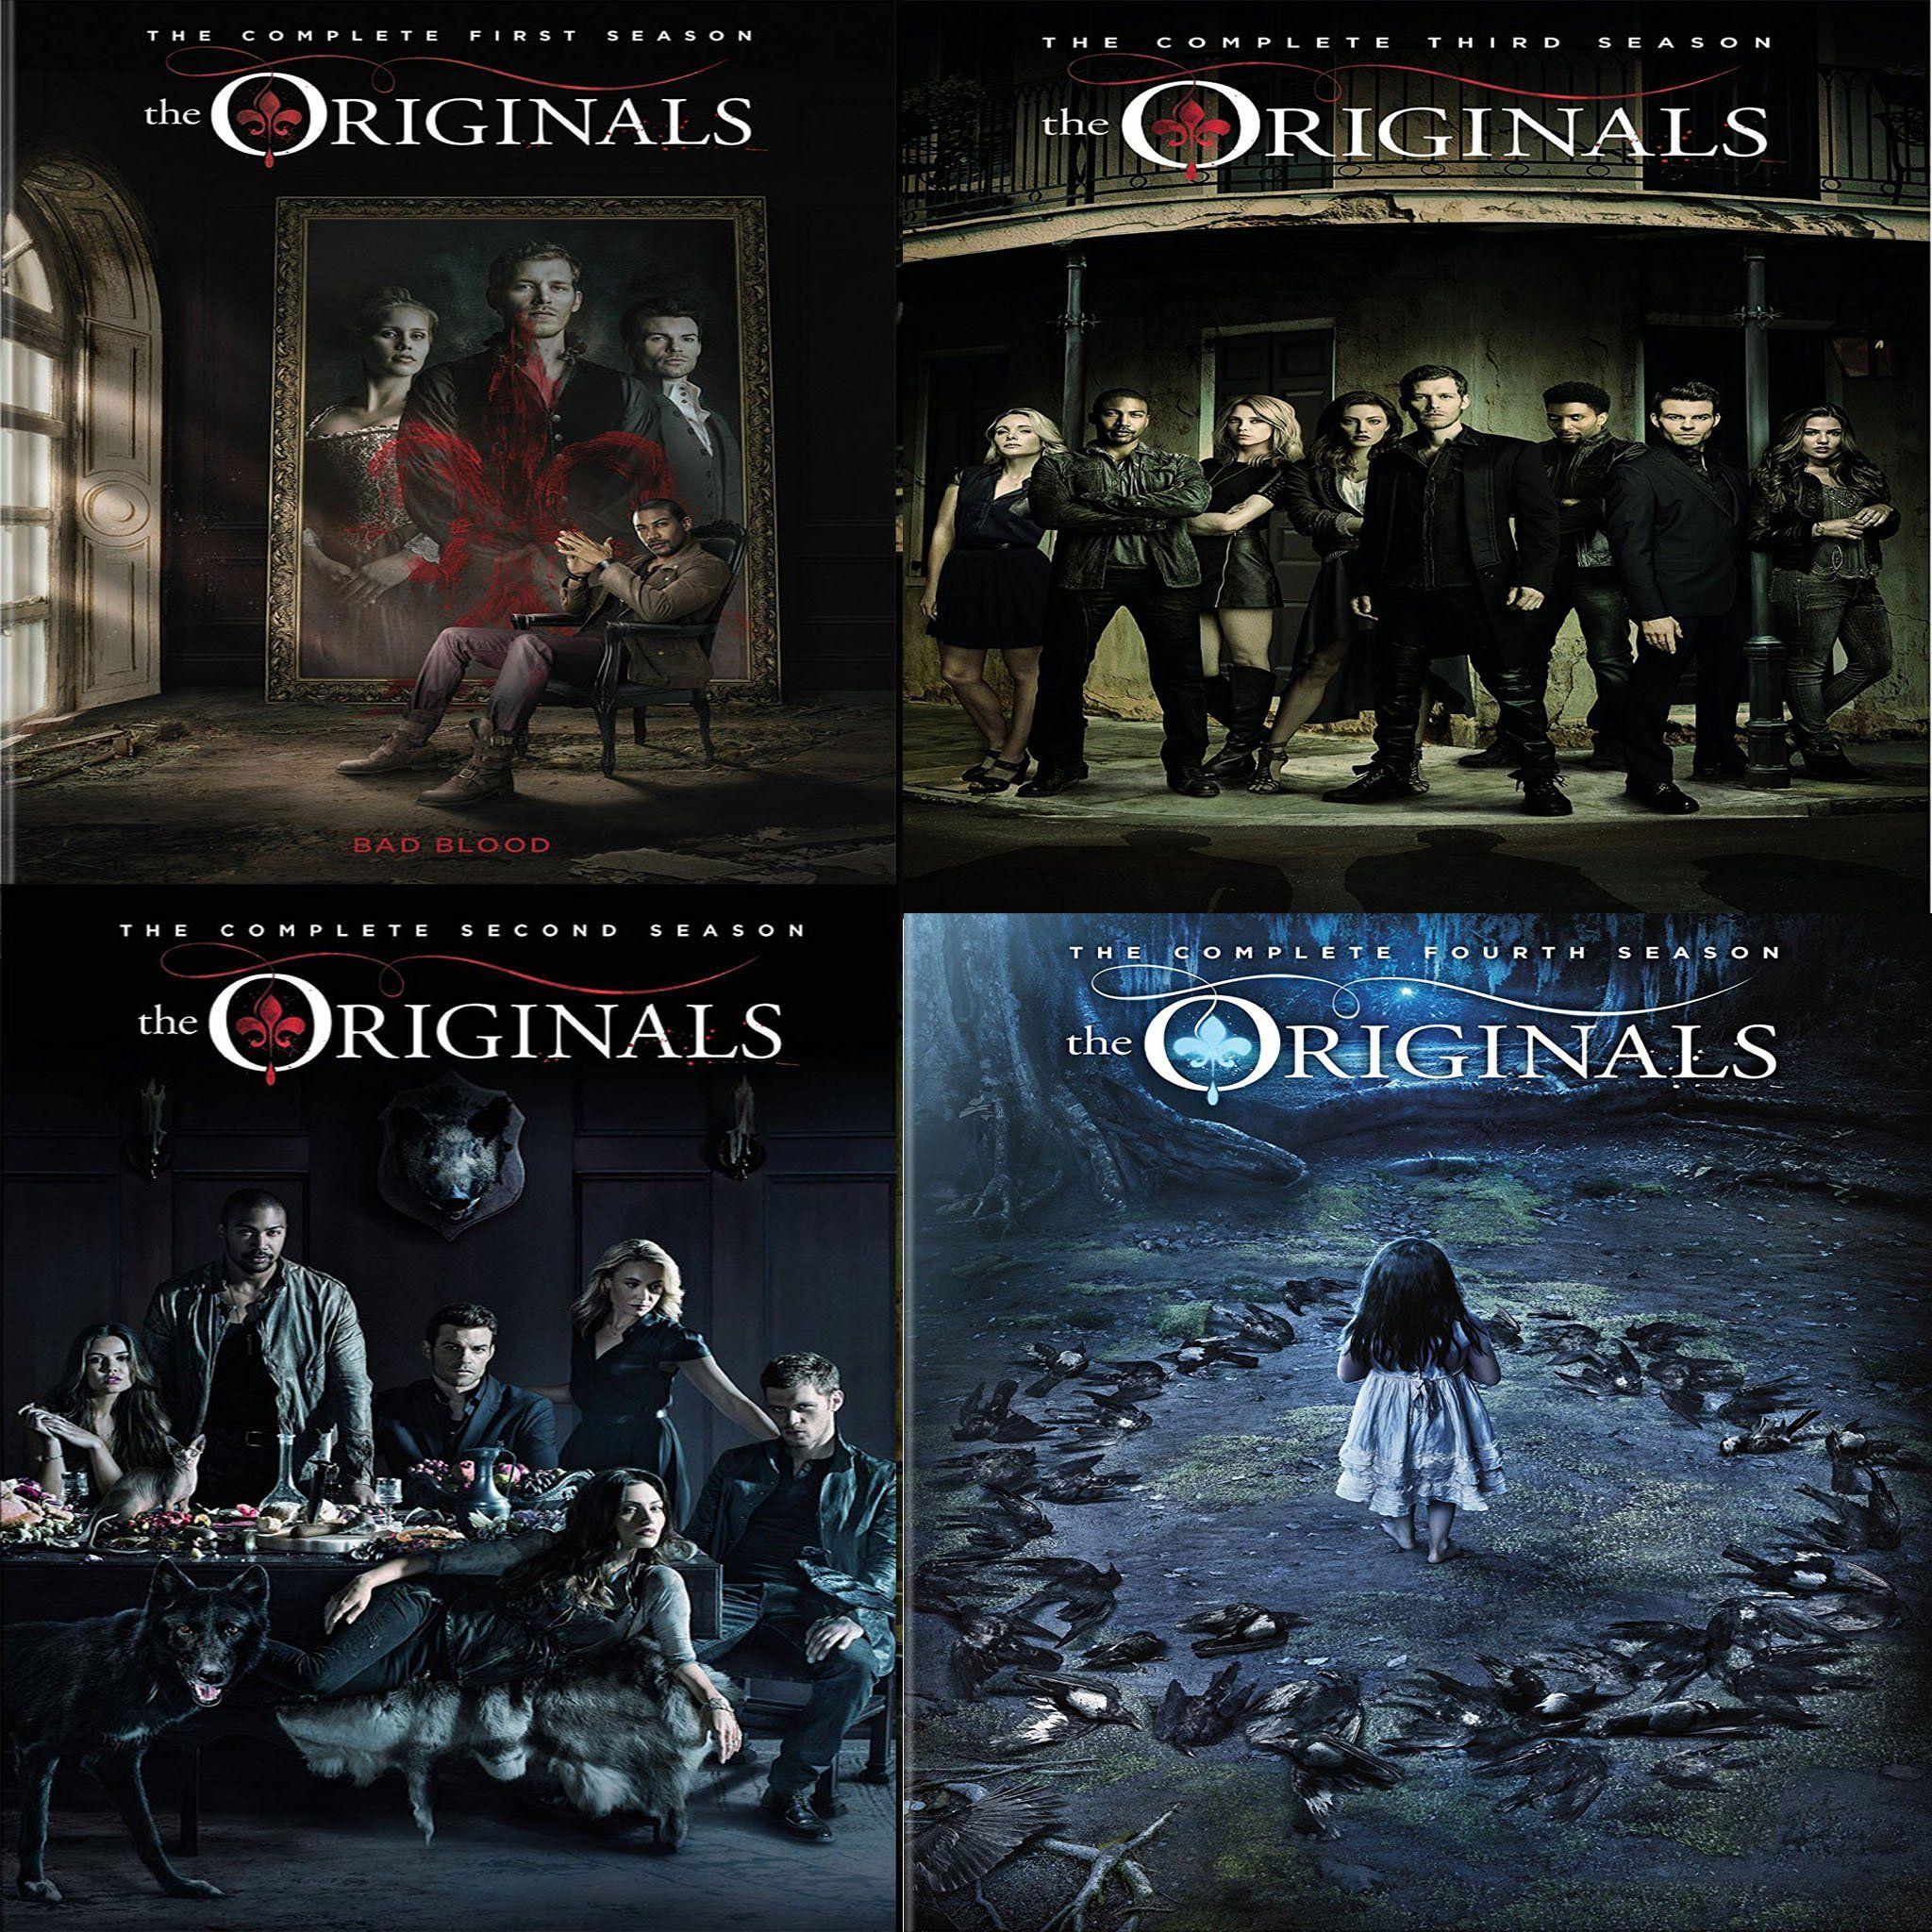 The Originals Dvd Seasons 1 5 Set Vampire Diaries The Originals The Originals Vampire Diaries